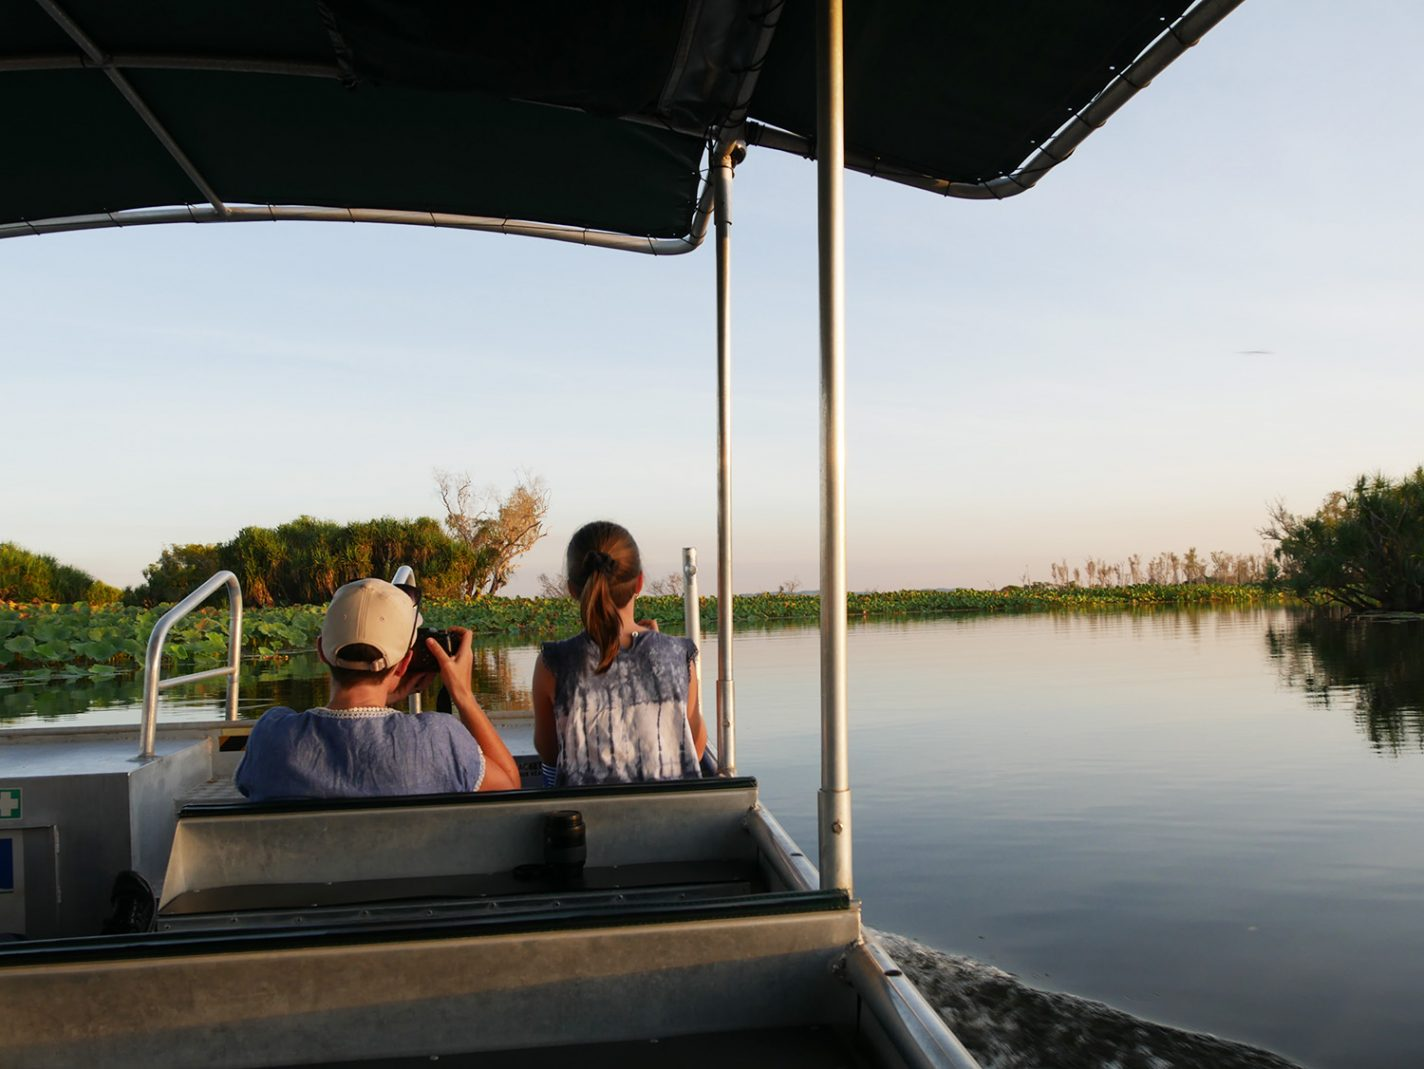 Door de regels omtrent corona is er voldoende ruimte op de boot